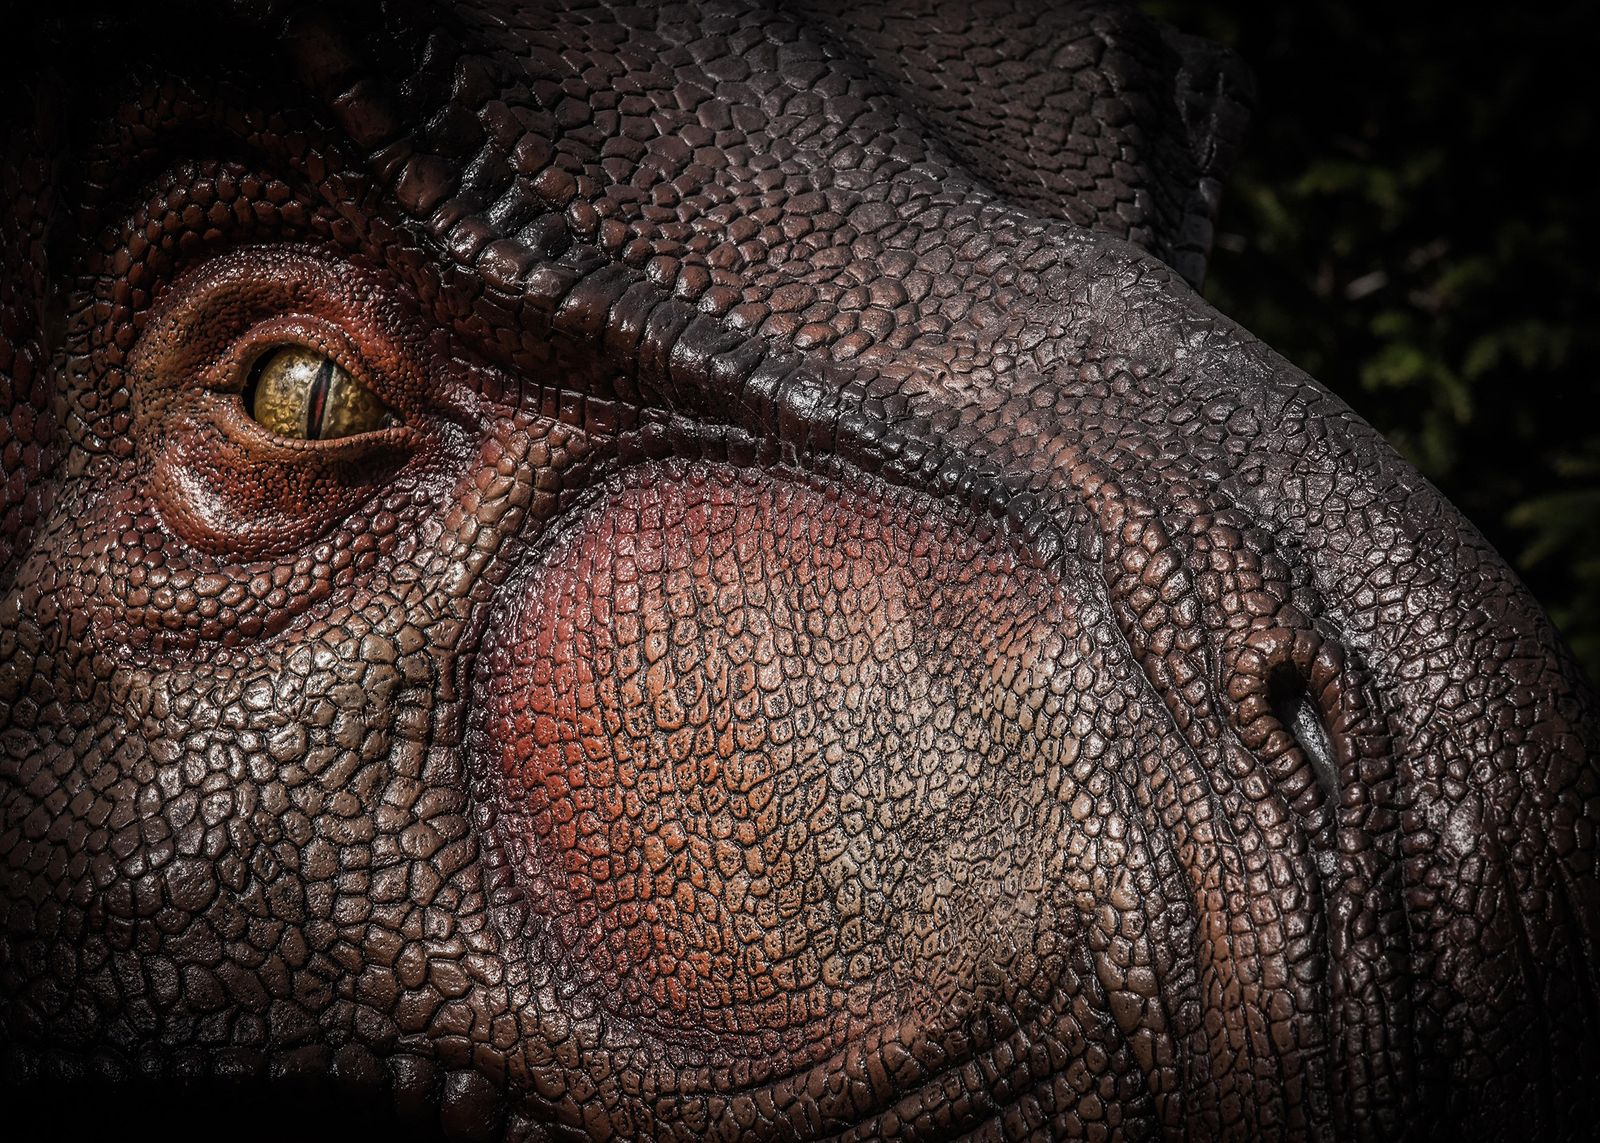 O Tyrannosaurus rex, apresentado em uma ilustração, provavelmente tinha o olfato apenas um pouco menos intenso ...